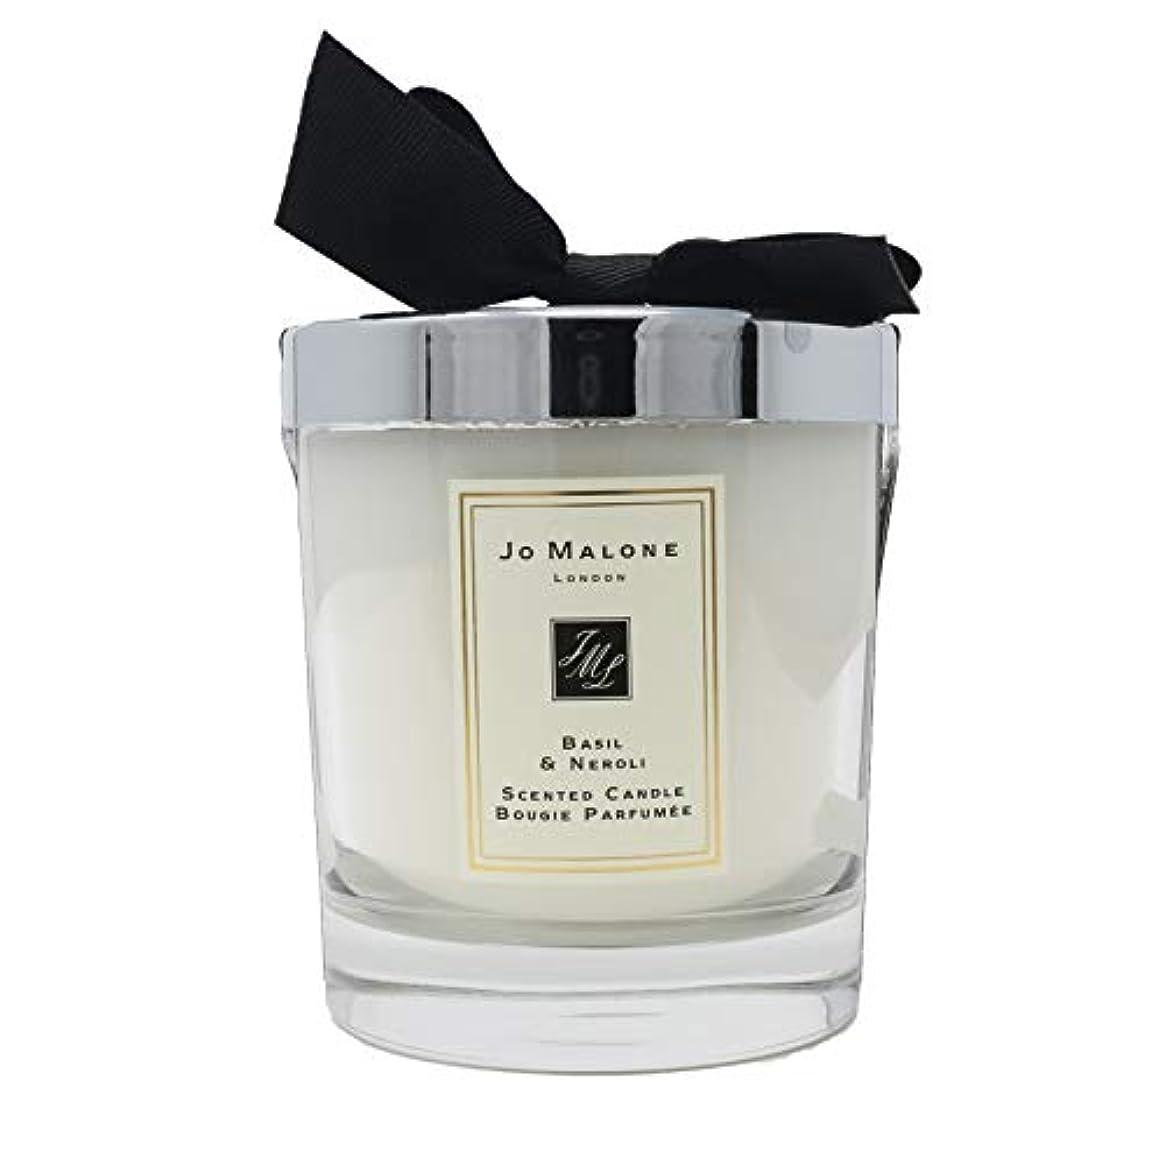 肌ジョセフバンクス数学者Jo Malone Basil &ネロリScented Candle 200 g ( 2.5インチ)